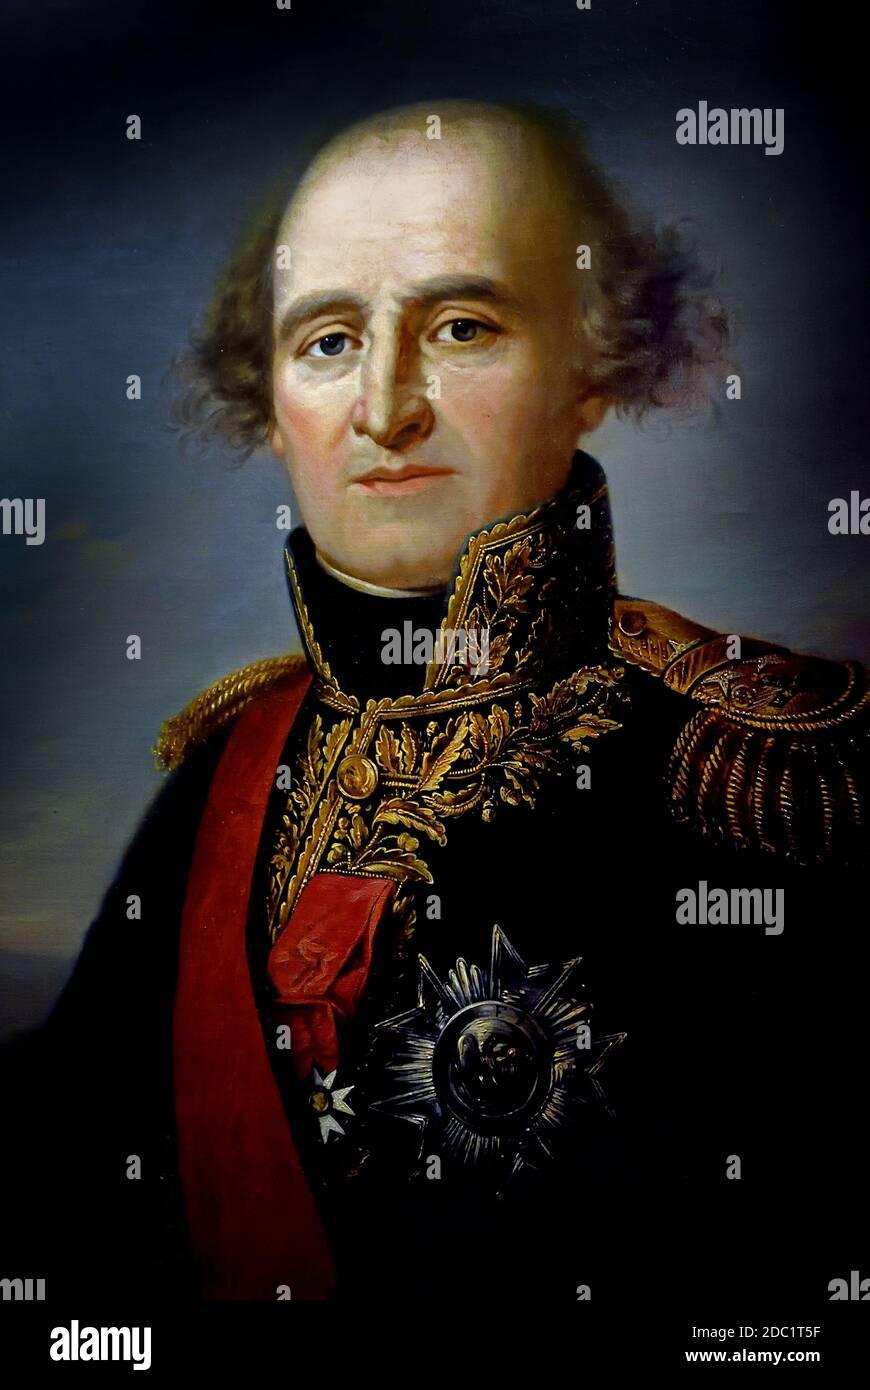 Jean-Mathieu-Philibert Sérurier, 1er Conde Sérurierr 1742 – 1819 Francia, francés. (Lideró una división en la Guerra de la primera Coalición y se convirtió en Mariscal del Imperio bajo el emperador Napoleón). ( ejército del emperador Napoleón Bonaparte ) Foto de stock